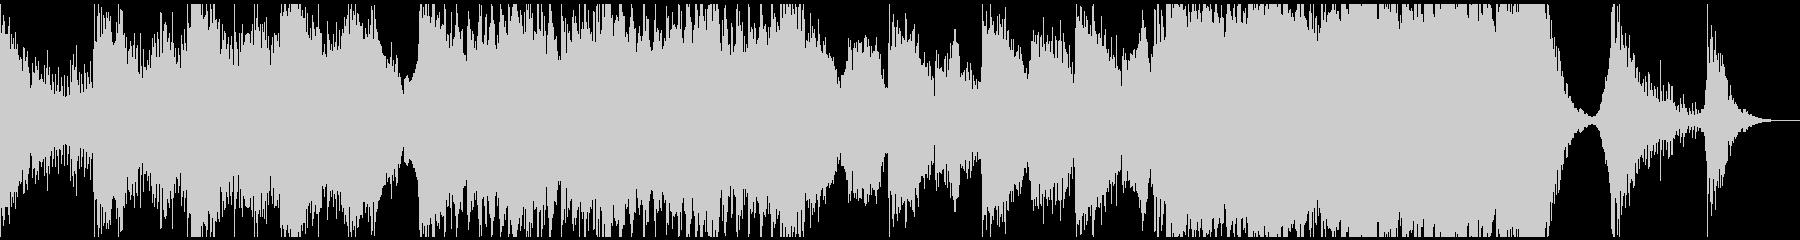 現代的 交響曲 エレクトロ モダン...の未再生の波形